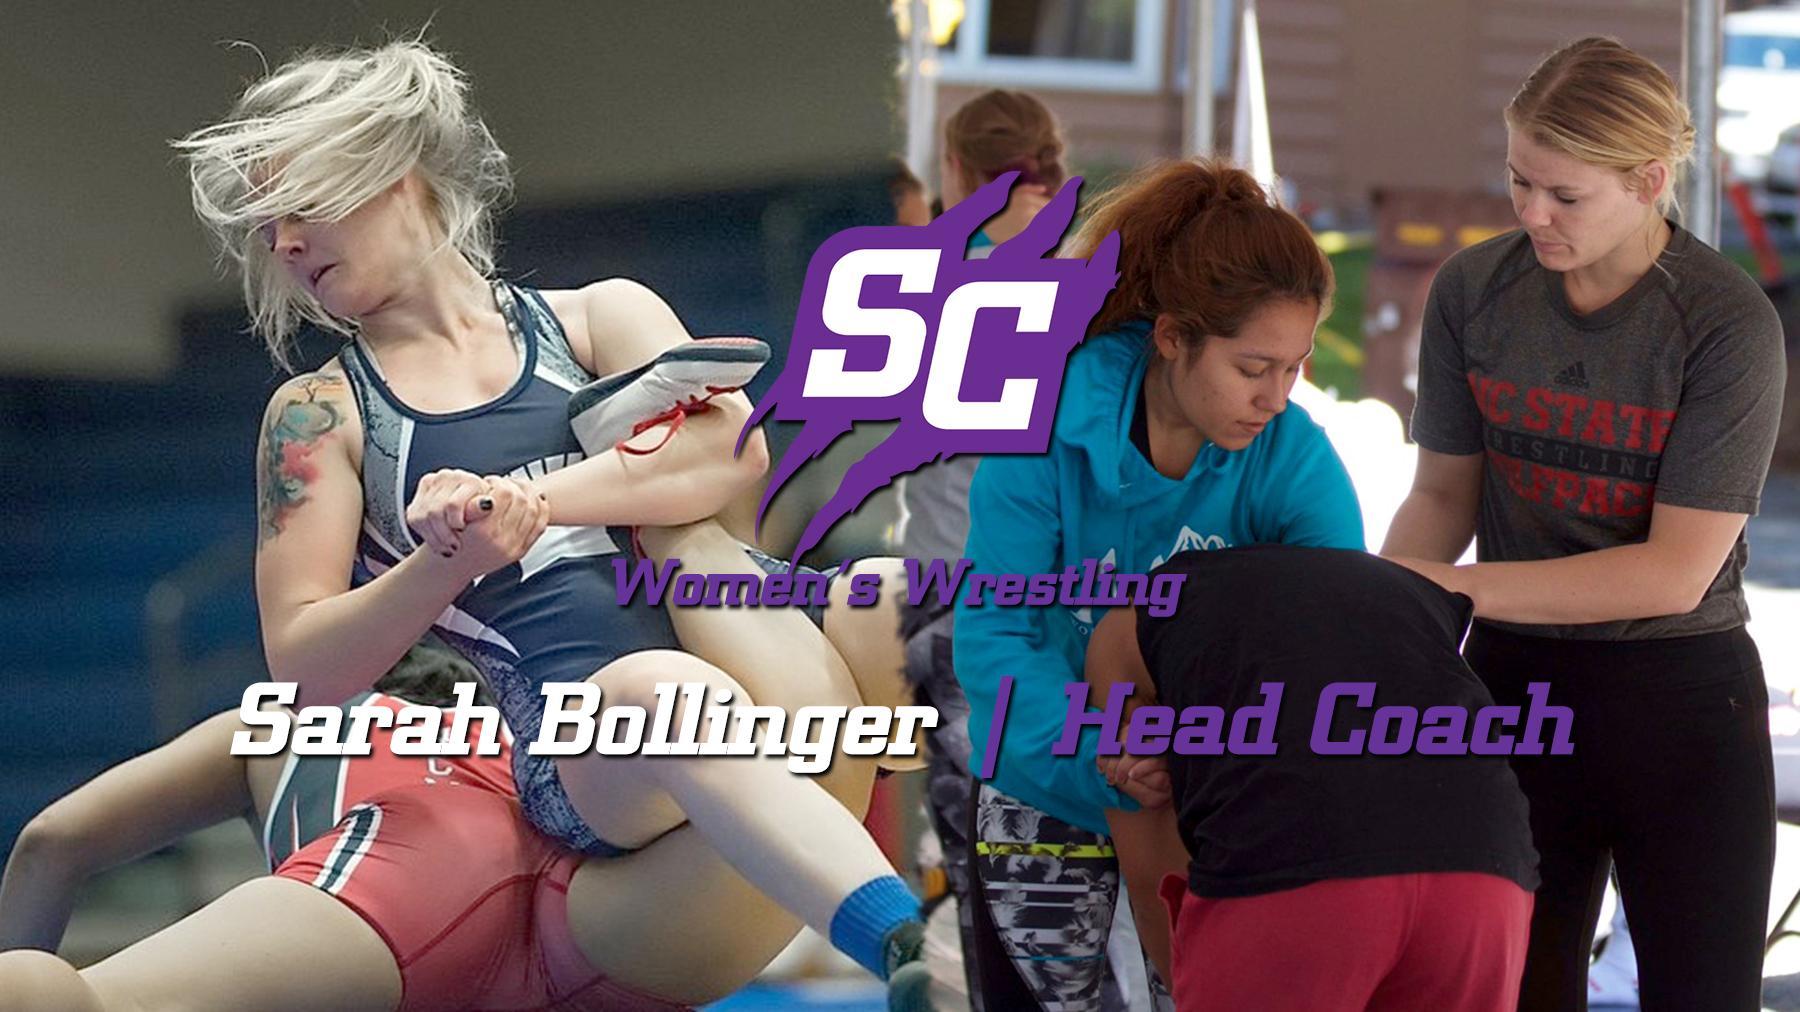 Sarah Bollinger Named Women's Wrestling Head Coach | Southwestern